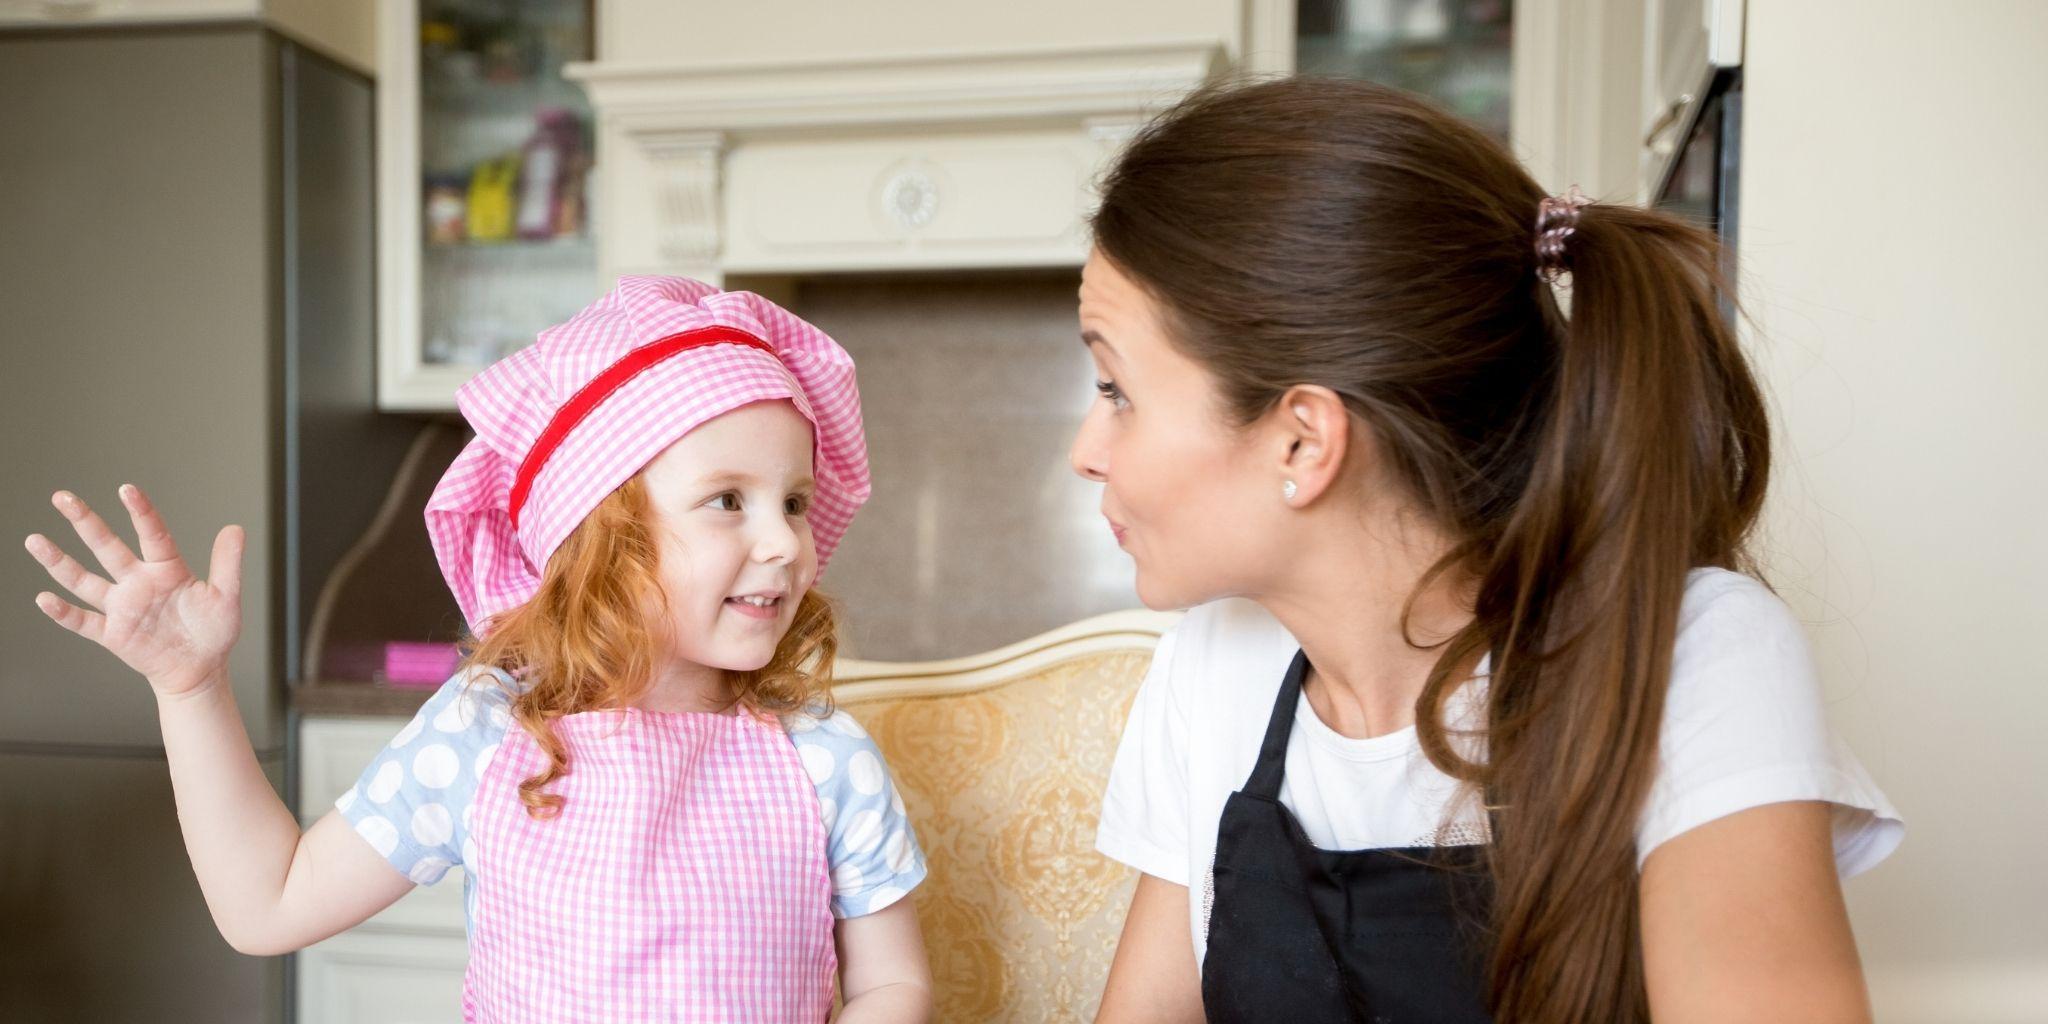 Costo baby sitter: considera le faccende domestiche